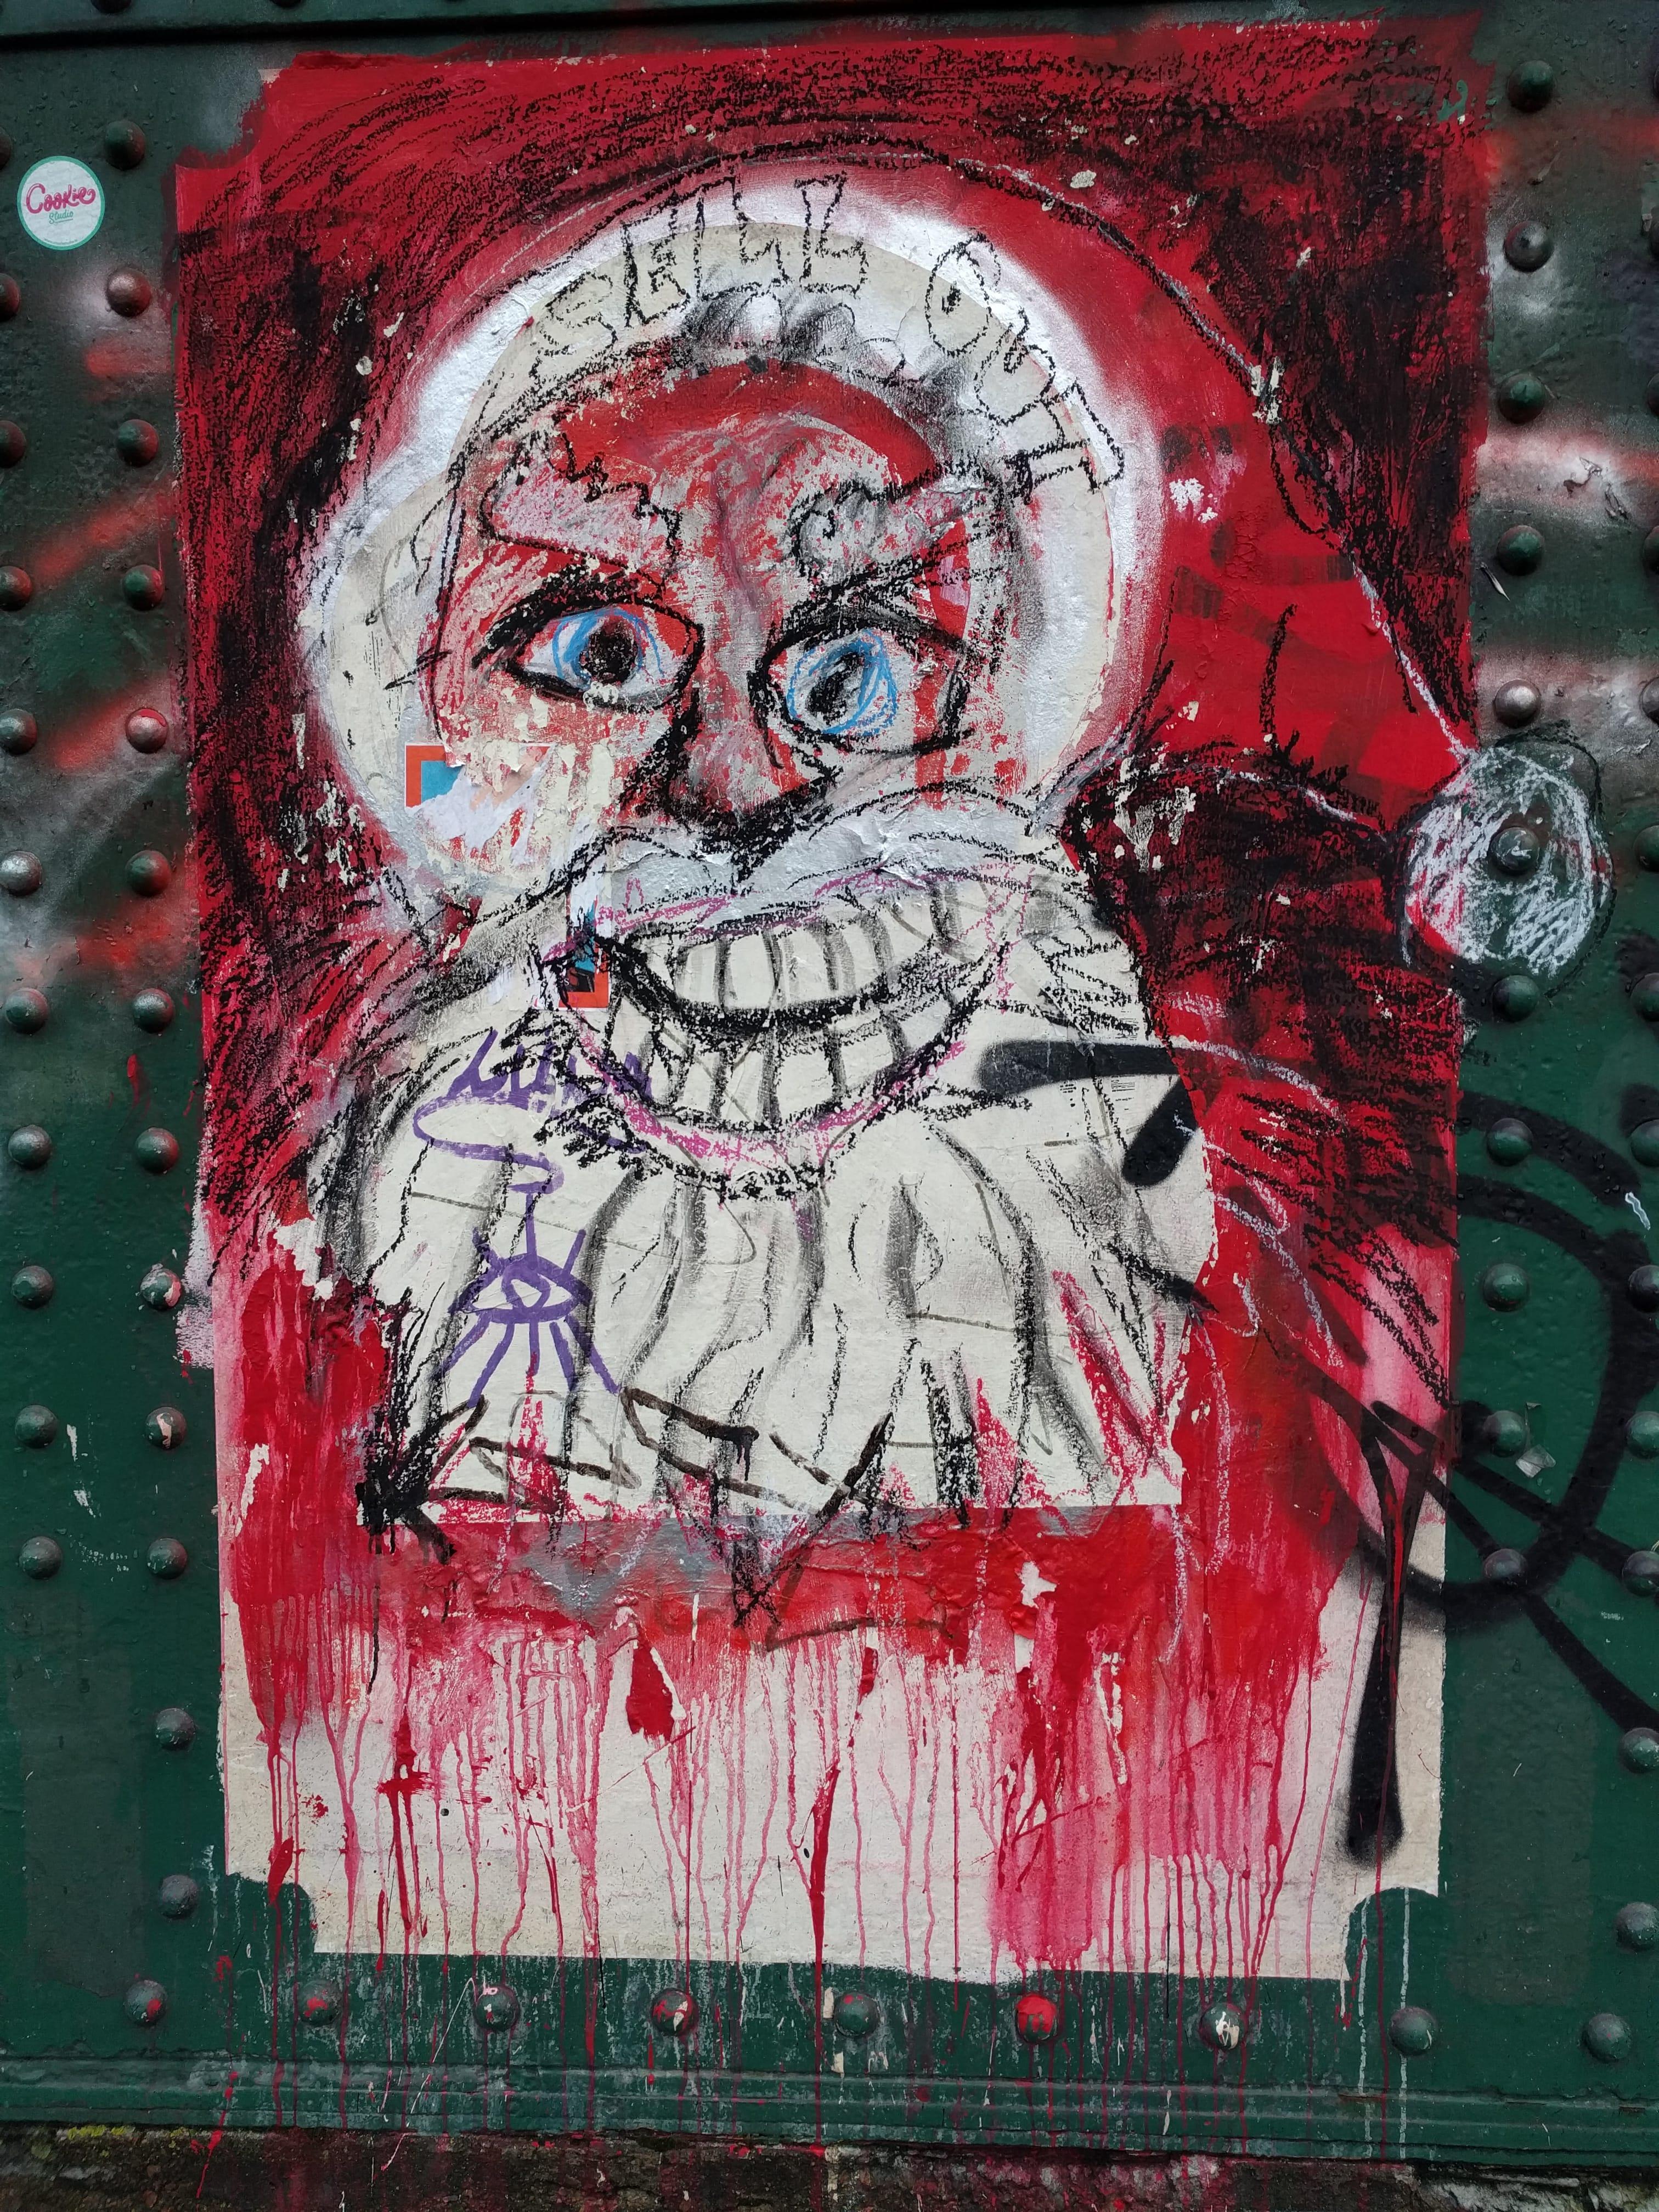 099-graffiti21